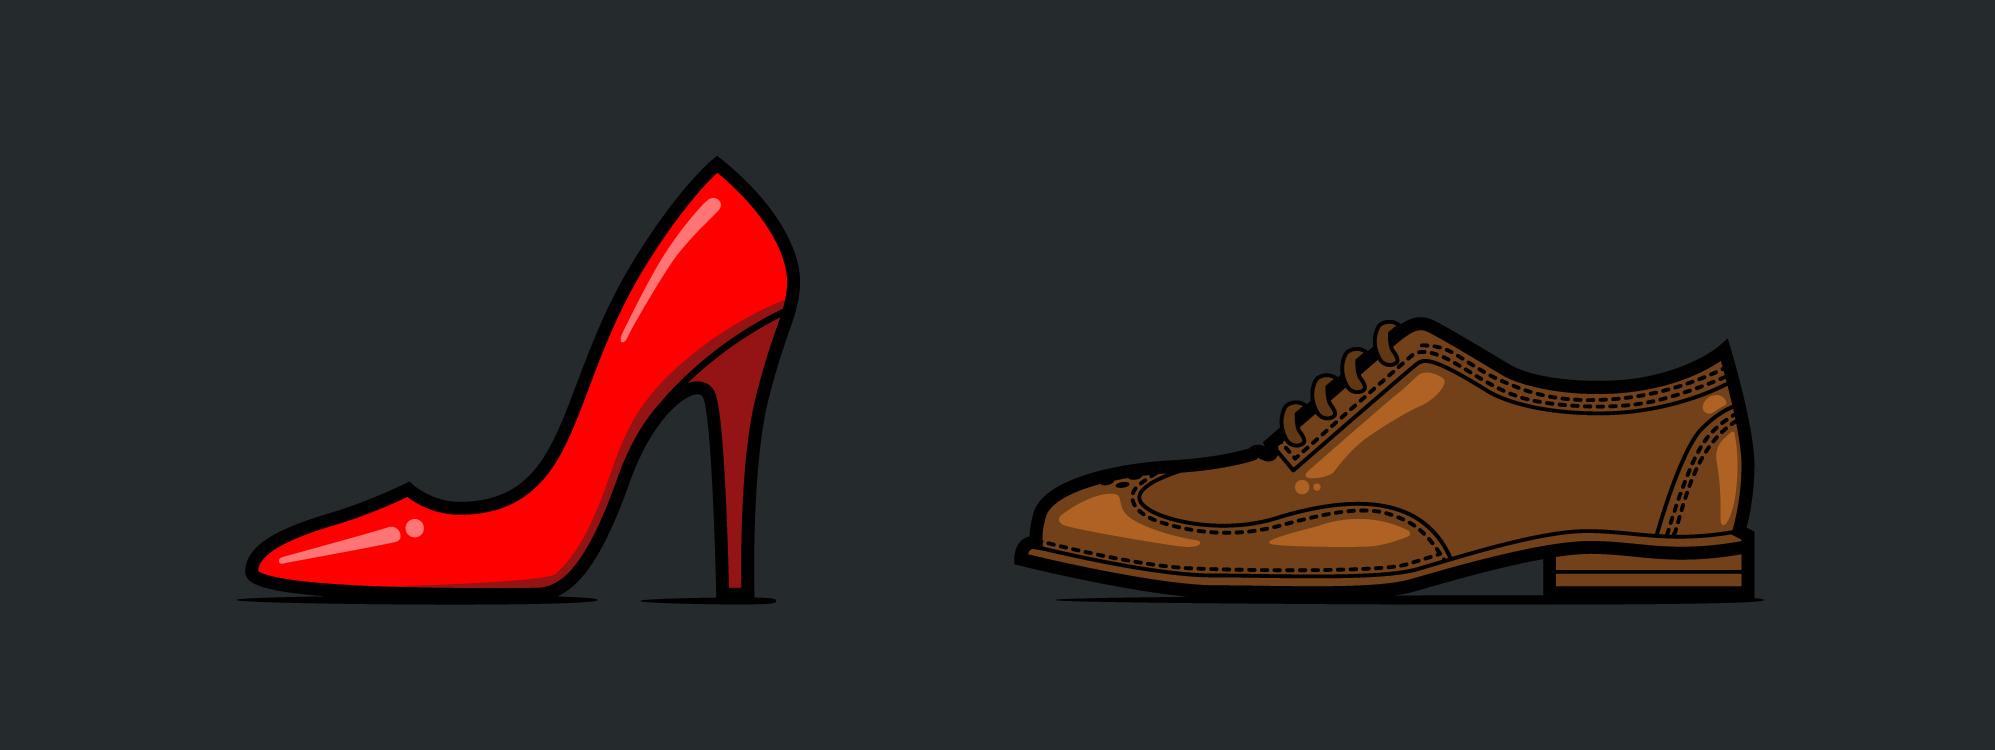 WebAssets_ShoesIllustration-08.jpg